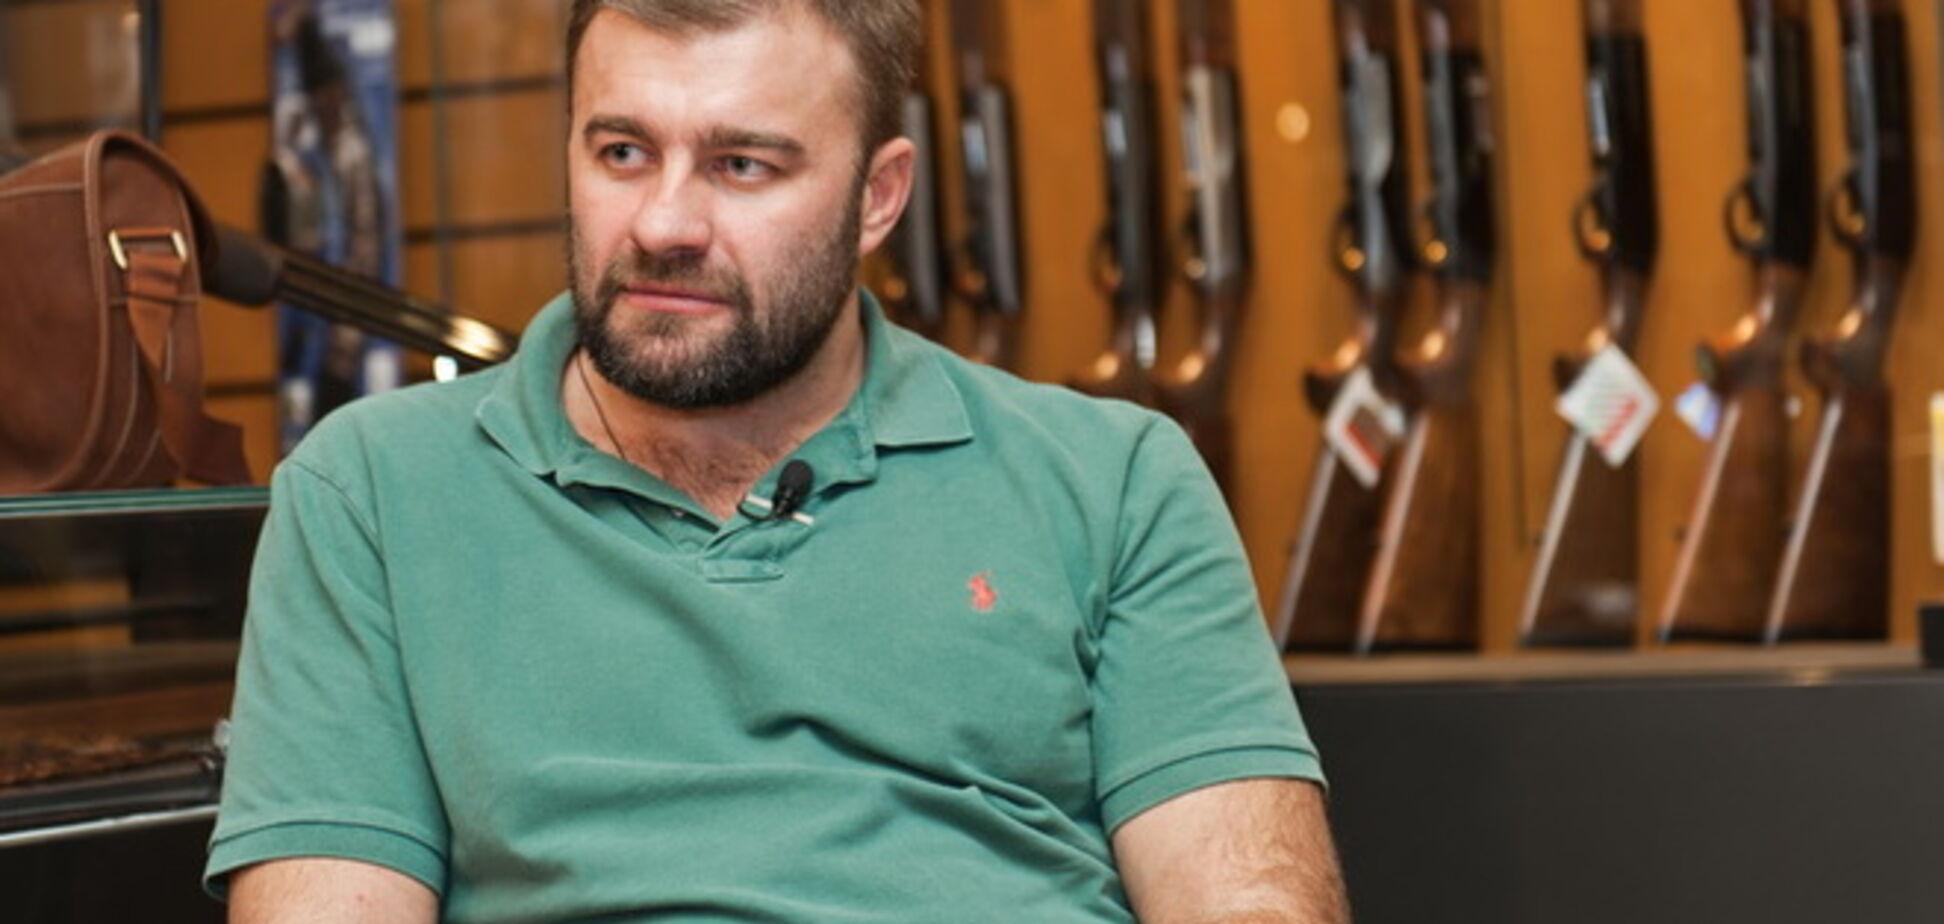 МВД откроет дело на Пореченкова: 'посмотрим, как в Европу будет ездить'